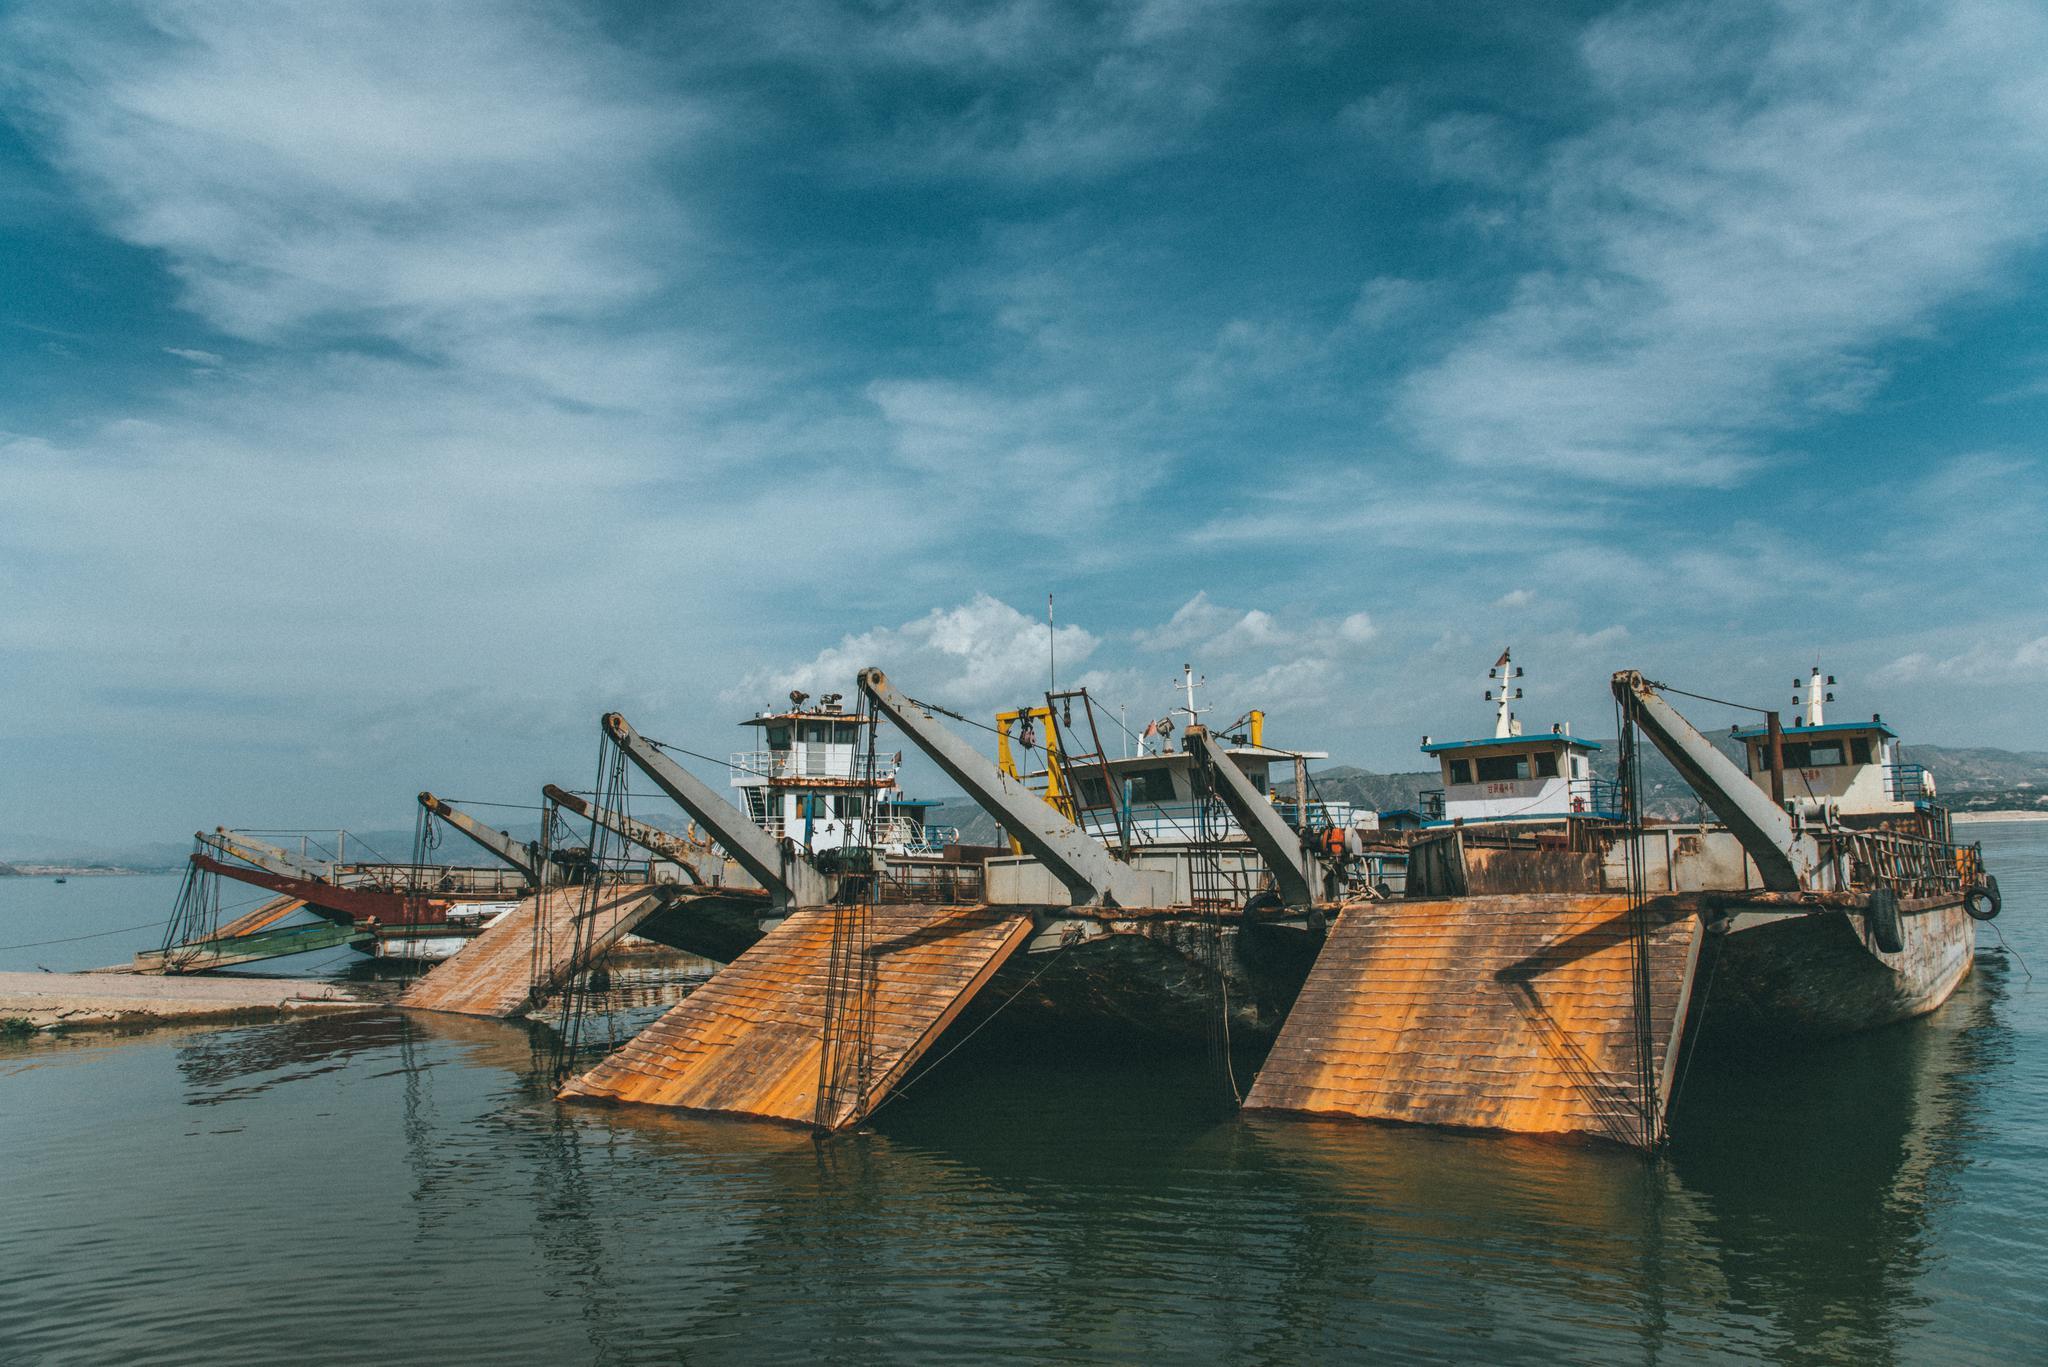 黄河刘家峡水库旁的停船,有一艘是废弃的大船,船身遍满时间的痕迹